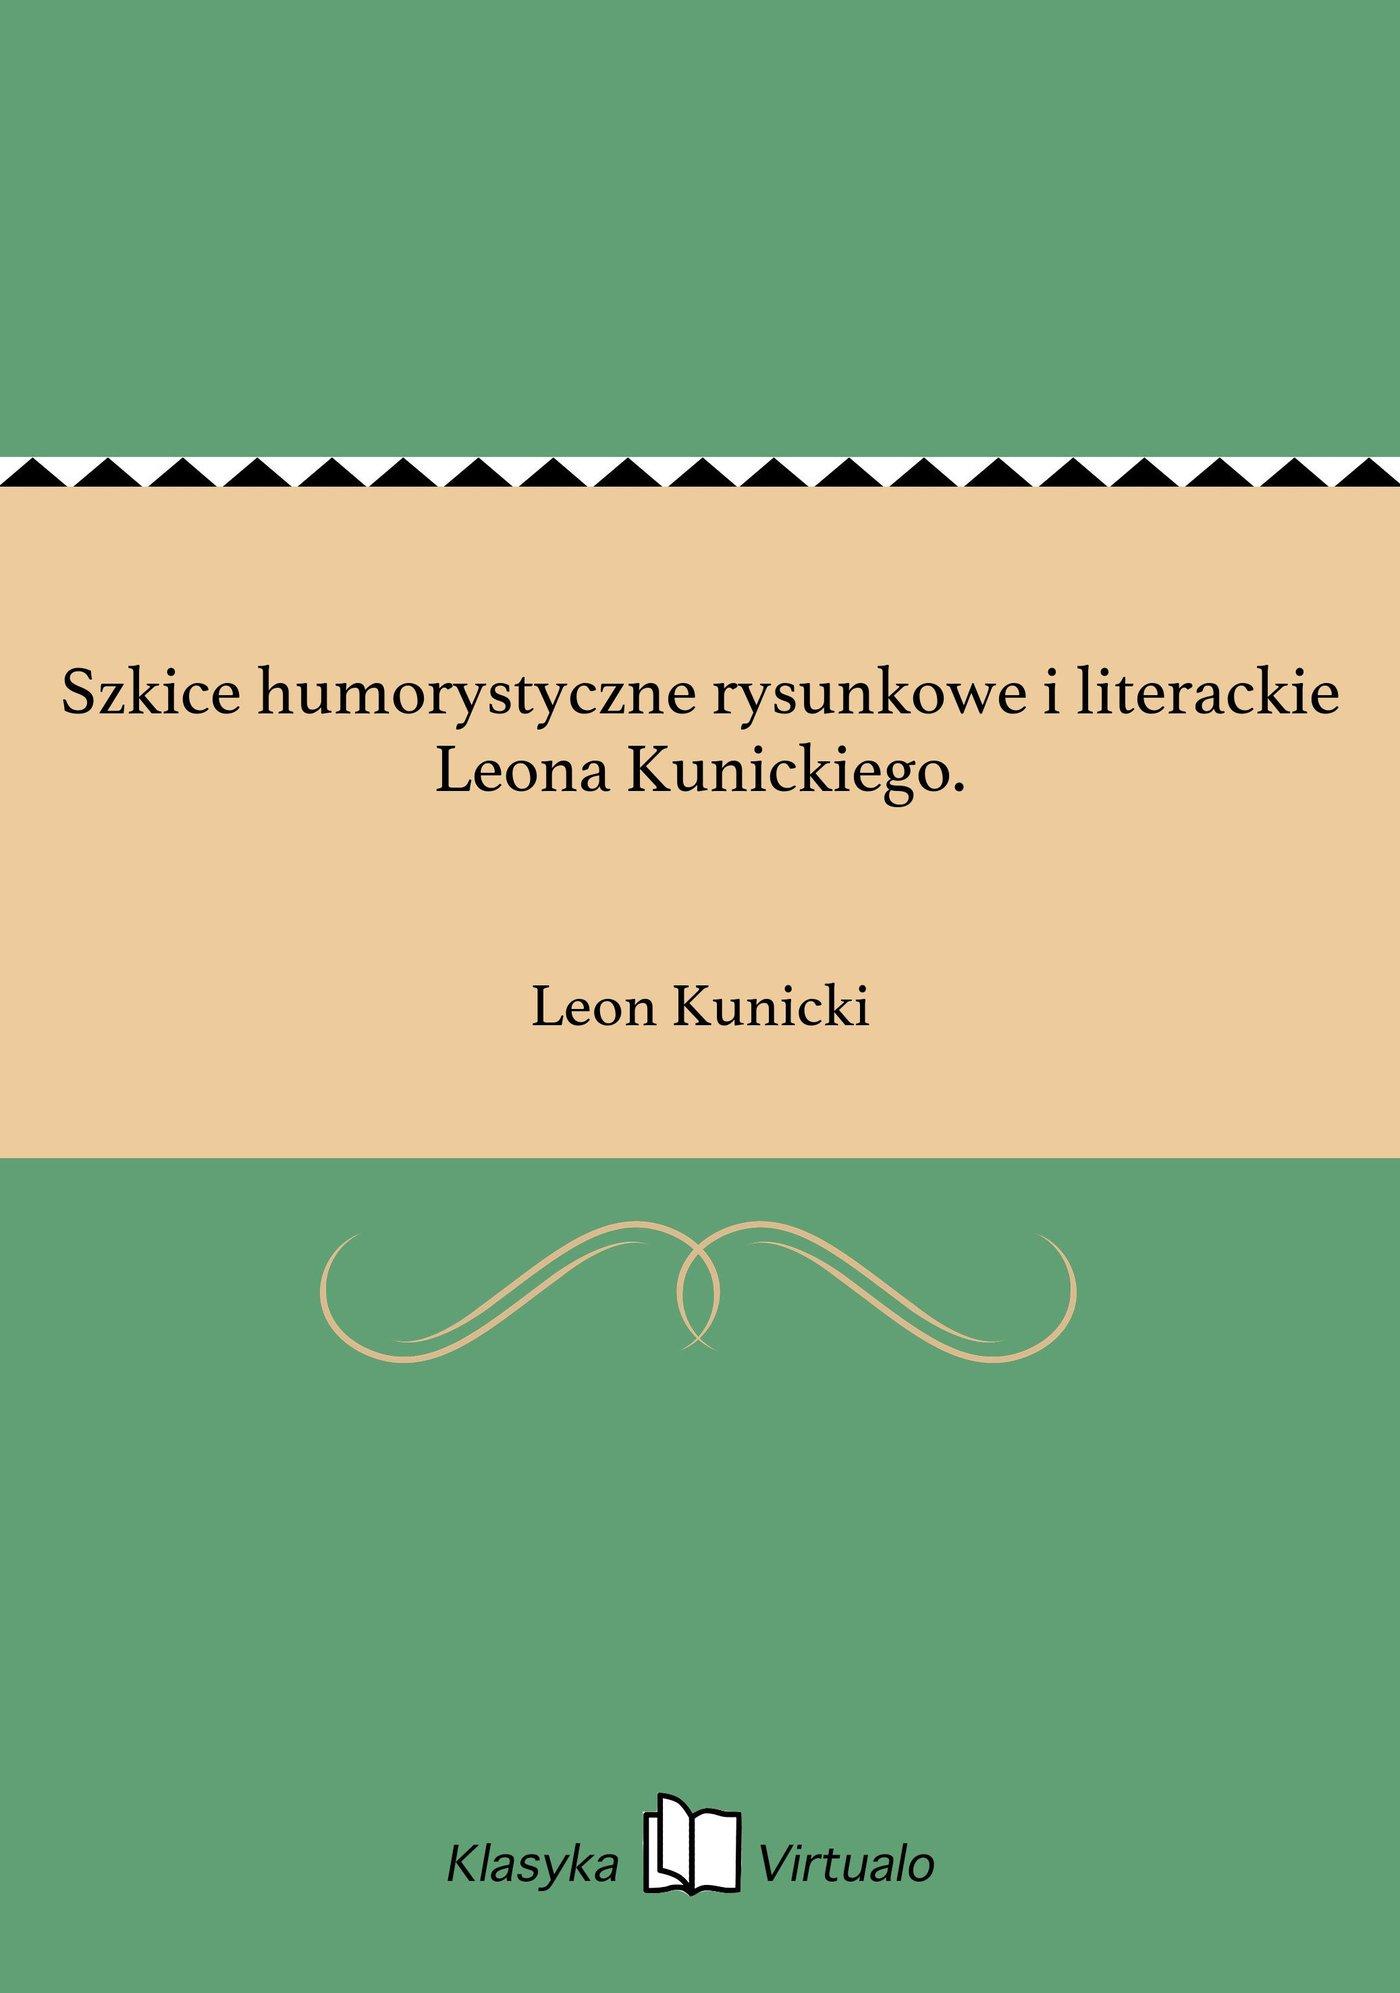 Szkice humorystyczne rysunkowe i literackie Leona Kunickiego. - Ebook (Książka EPUB) do pobrania w formacie EPUB